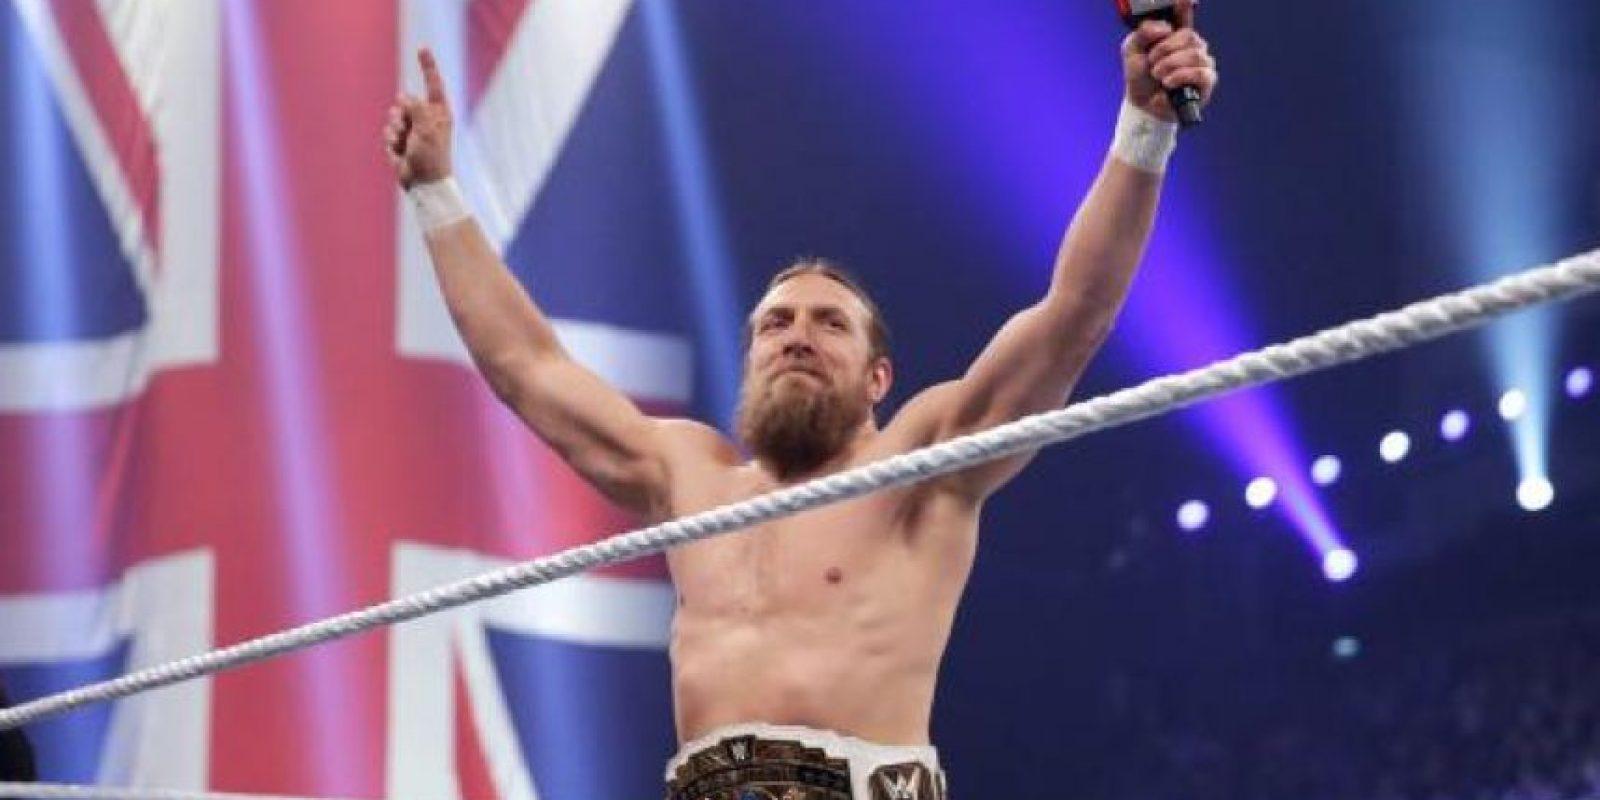 Ha ganado en tres ocasiones el Campeonato de la WWE Foto:WWE